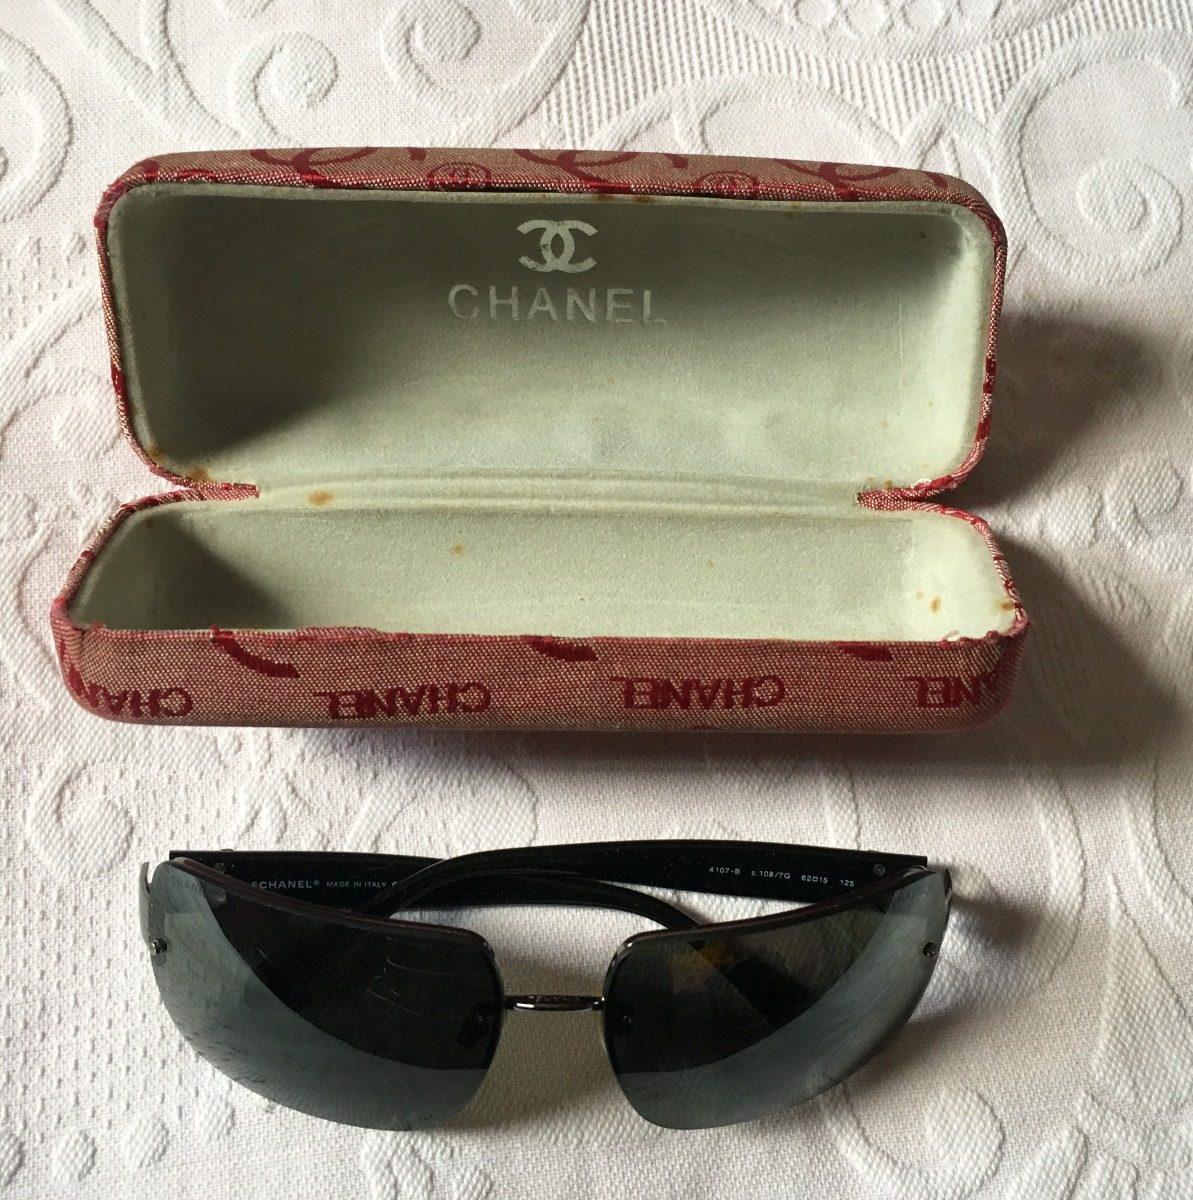 2ccbb1103 Kit Chanel Bolsa . Sapato E Oculos - R$ 4.500,00 em Mercado Livre